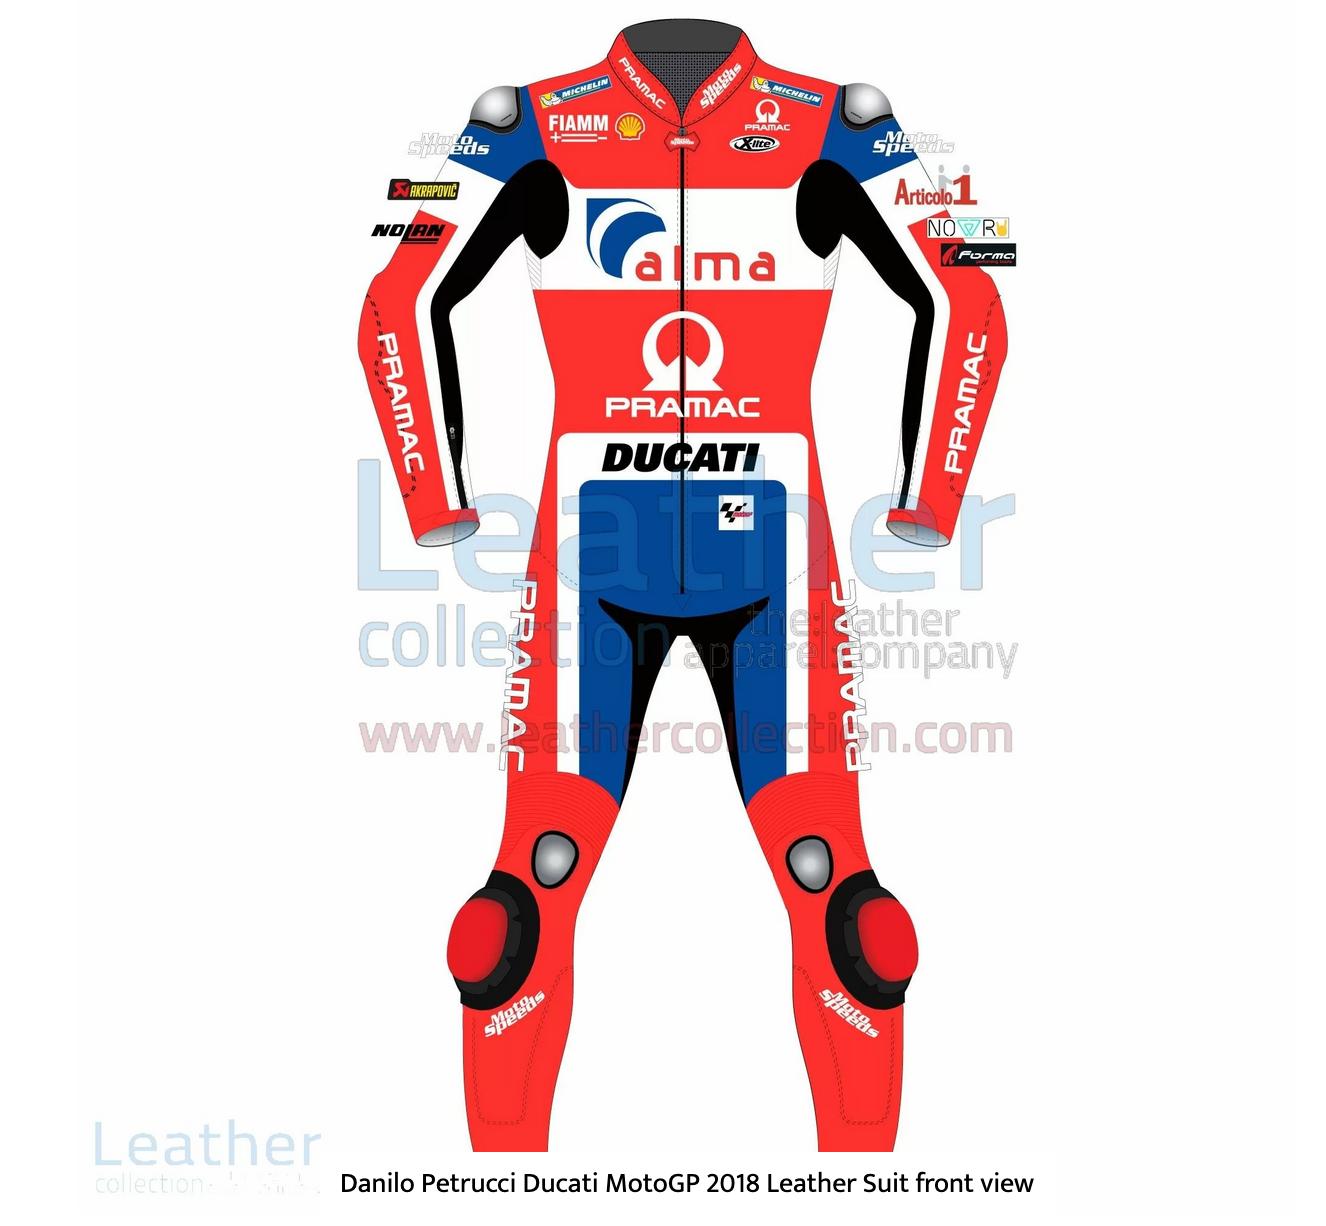 Danilo Petrucci Ducati MotoGP 2018 Leather Suit